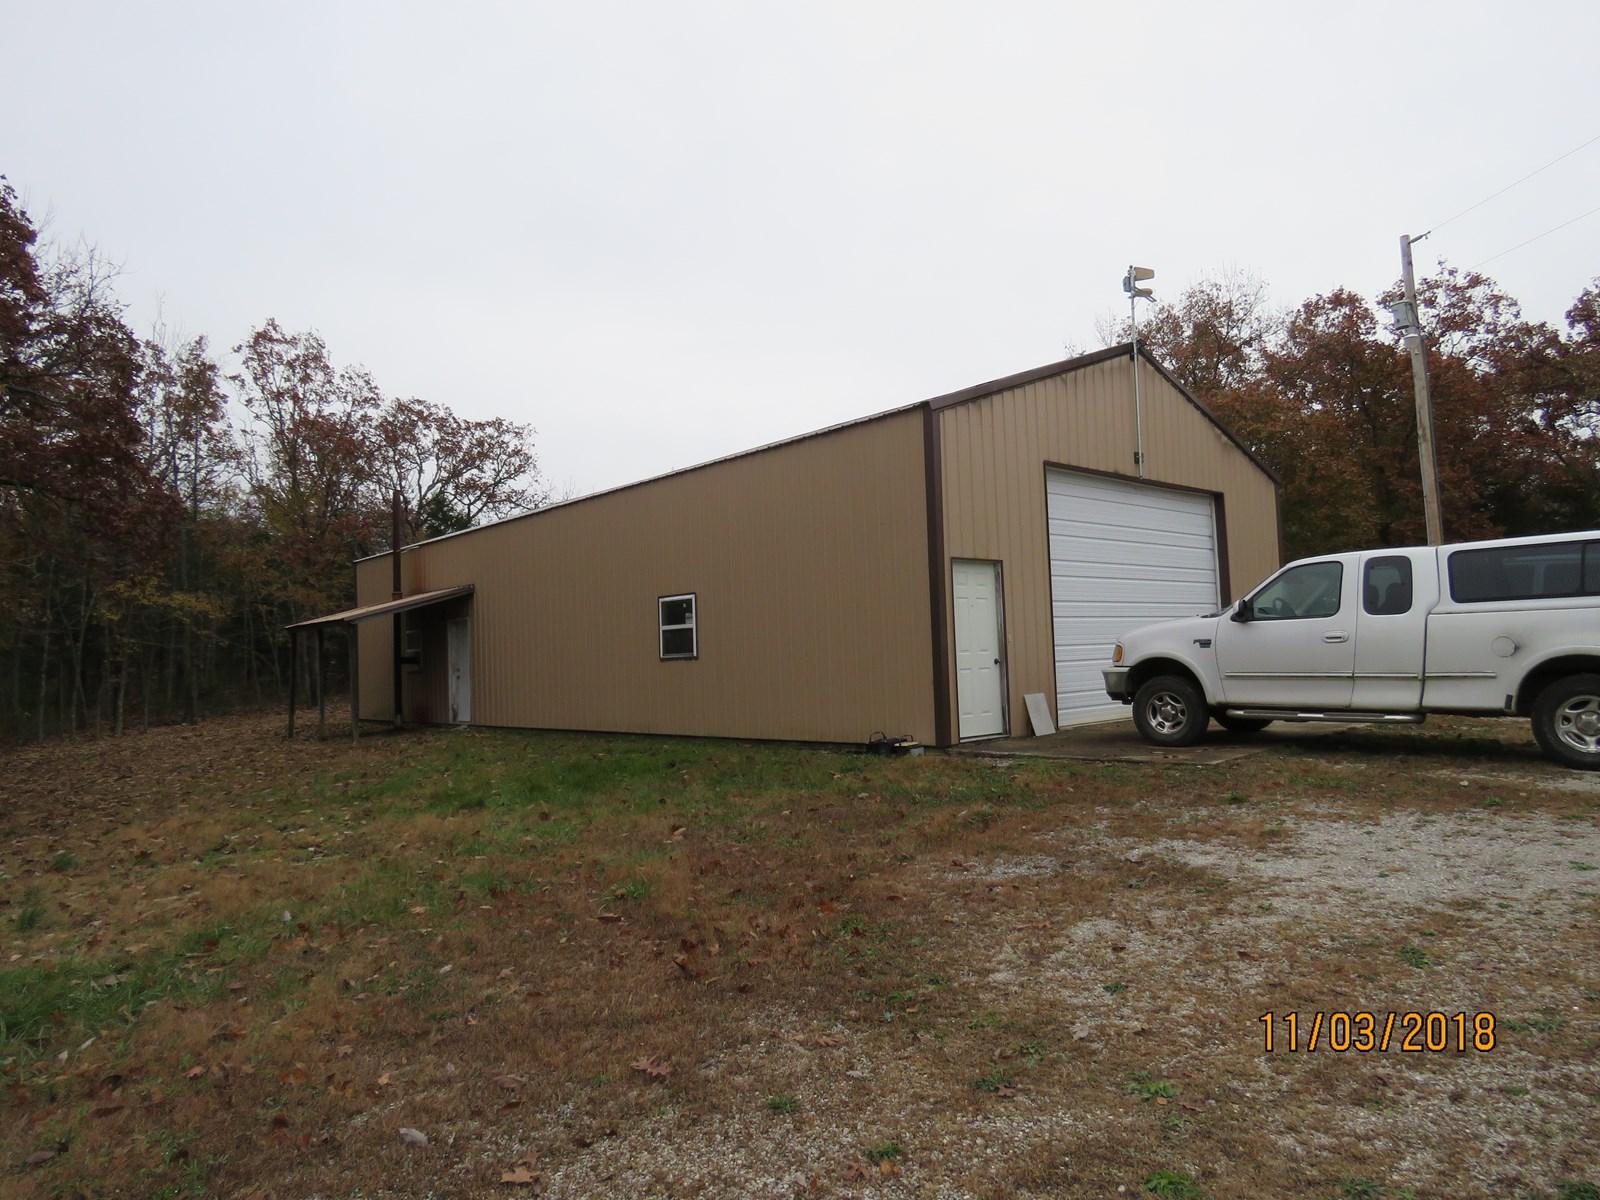 Shop with living quarters, Land for sale, Douglas Co